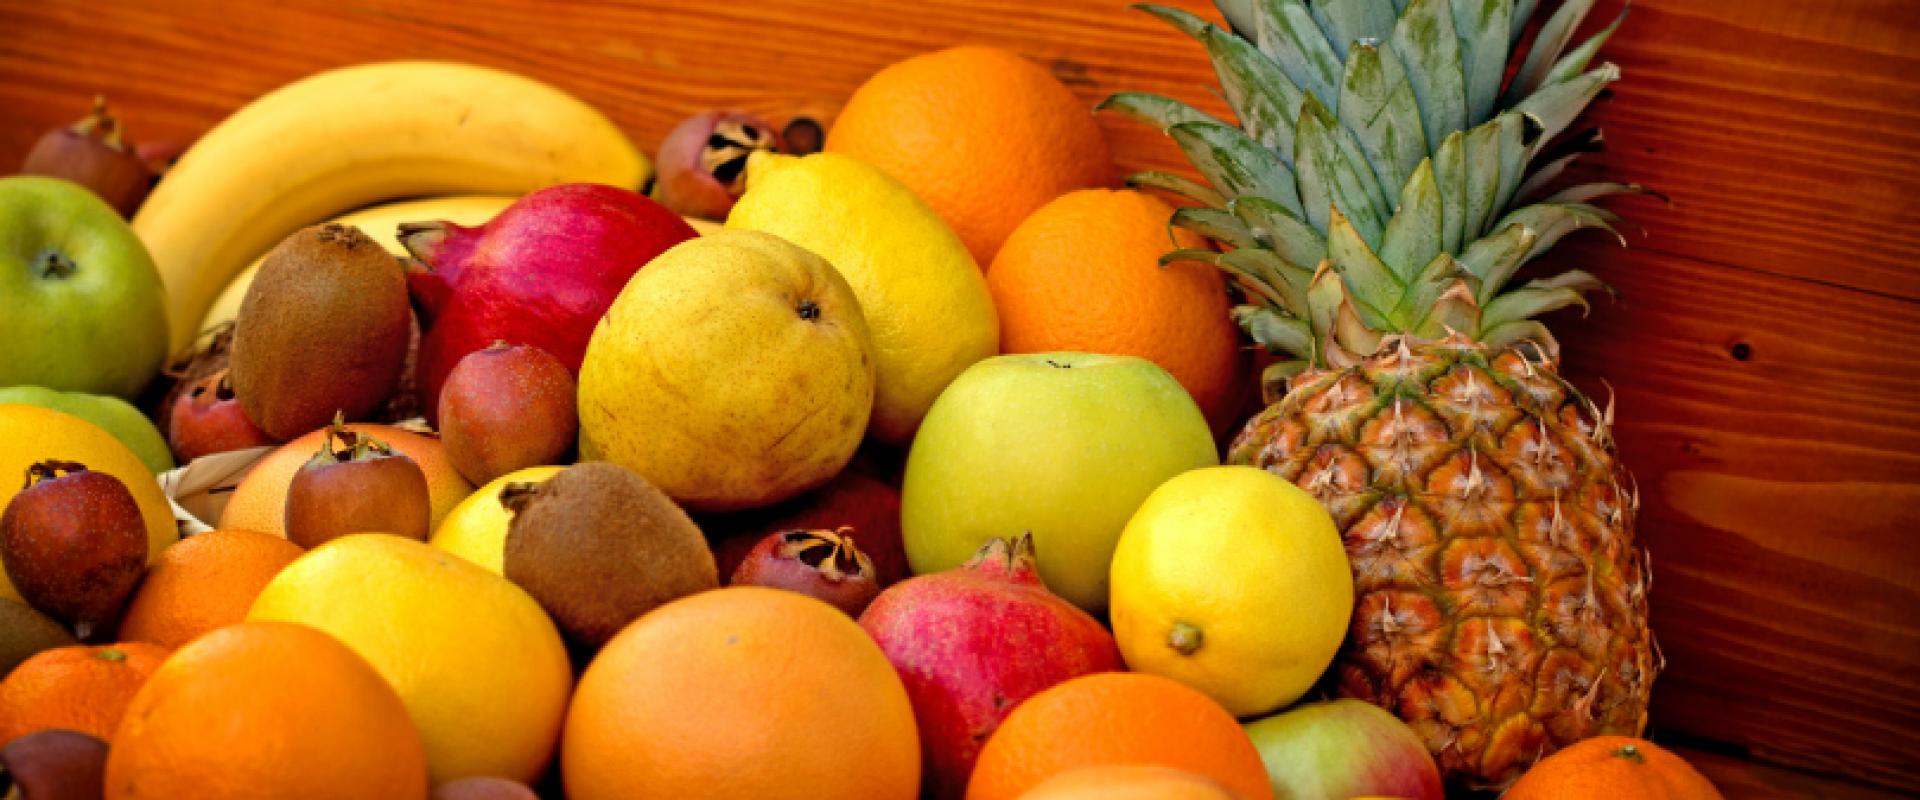 Saiba porque é tão importante consumir frutas, legumes e verduras da estação!